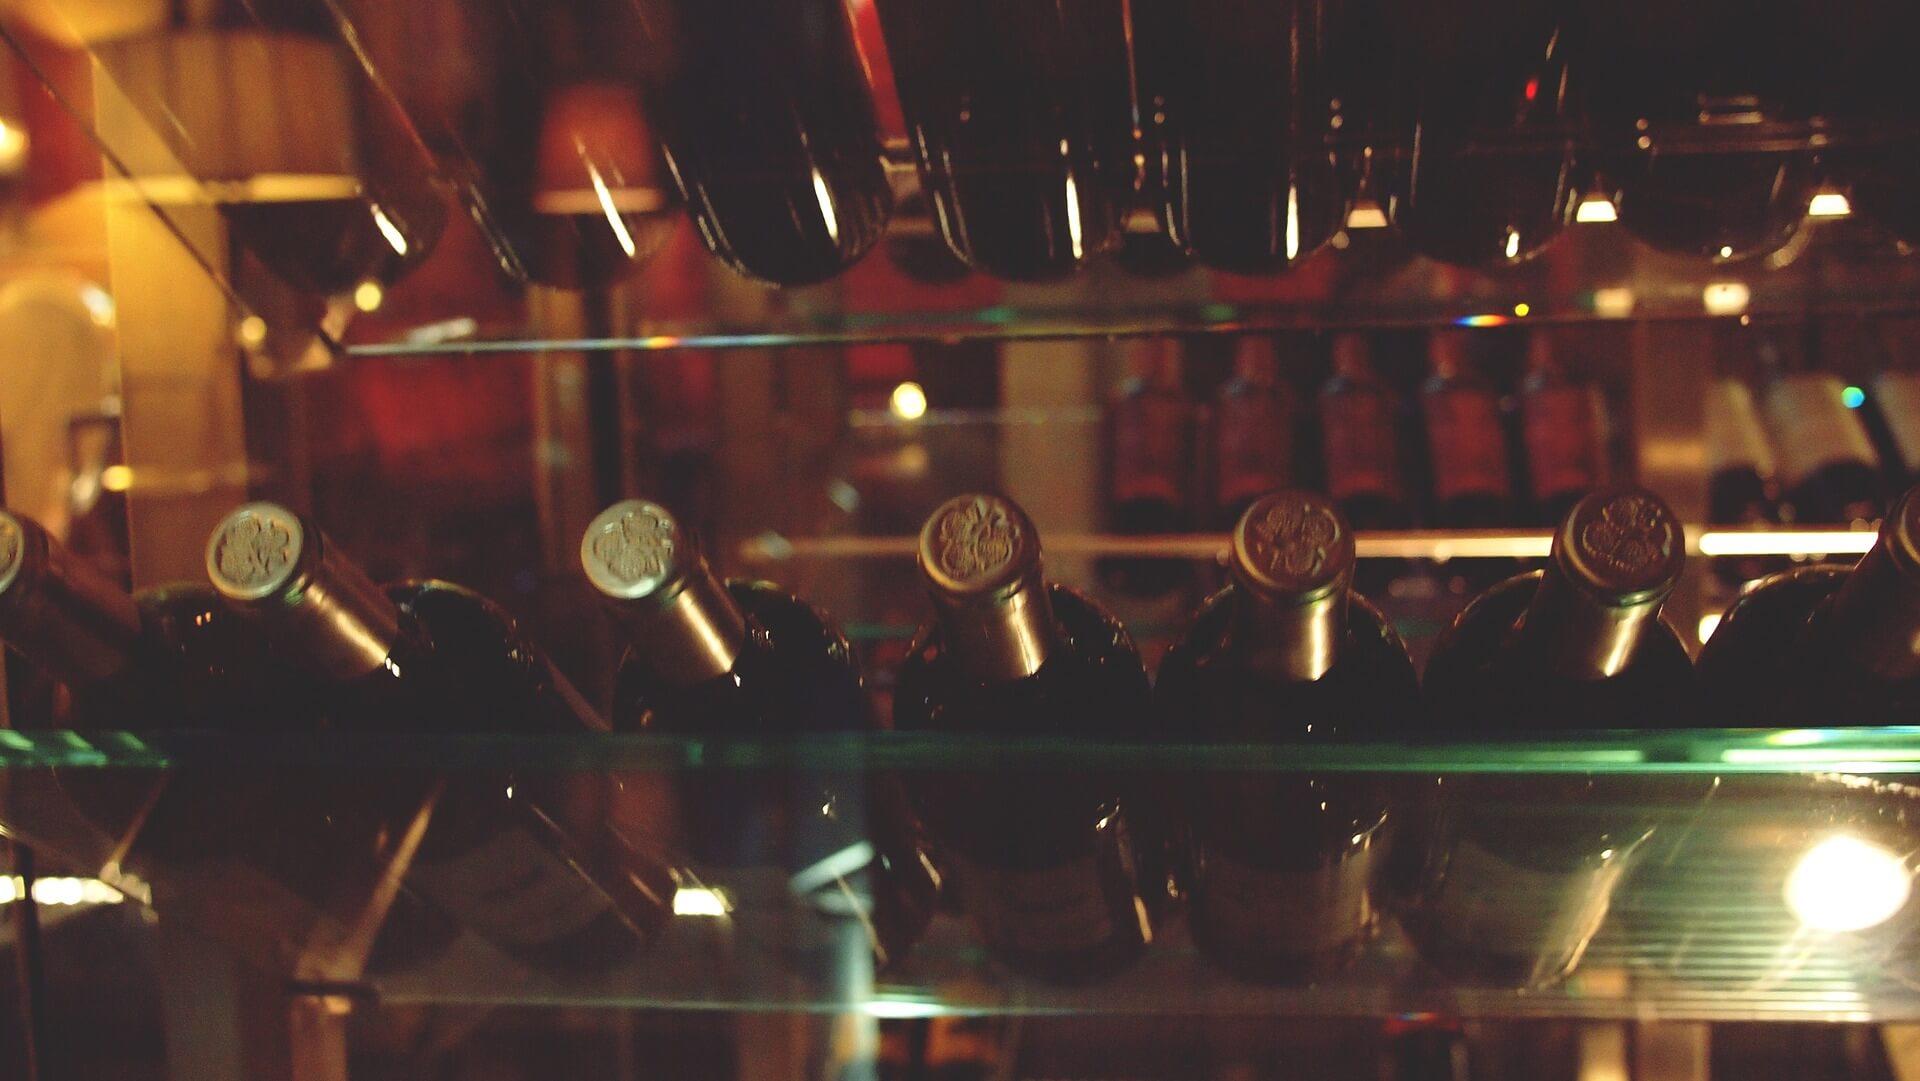 ワインセラーの正しい温度管理とは?適正温度や種類による違いを解説